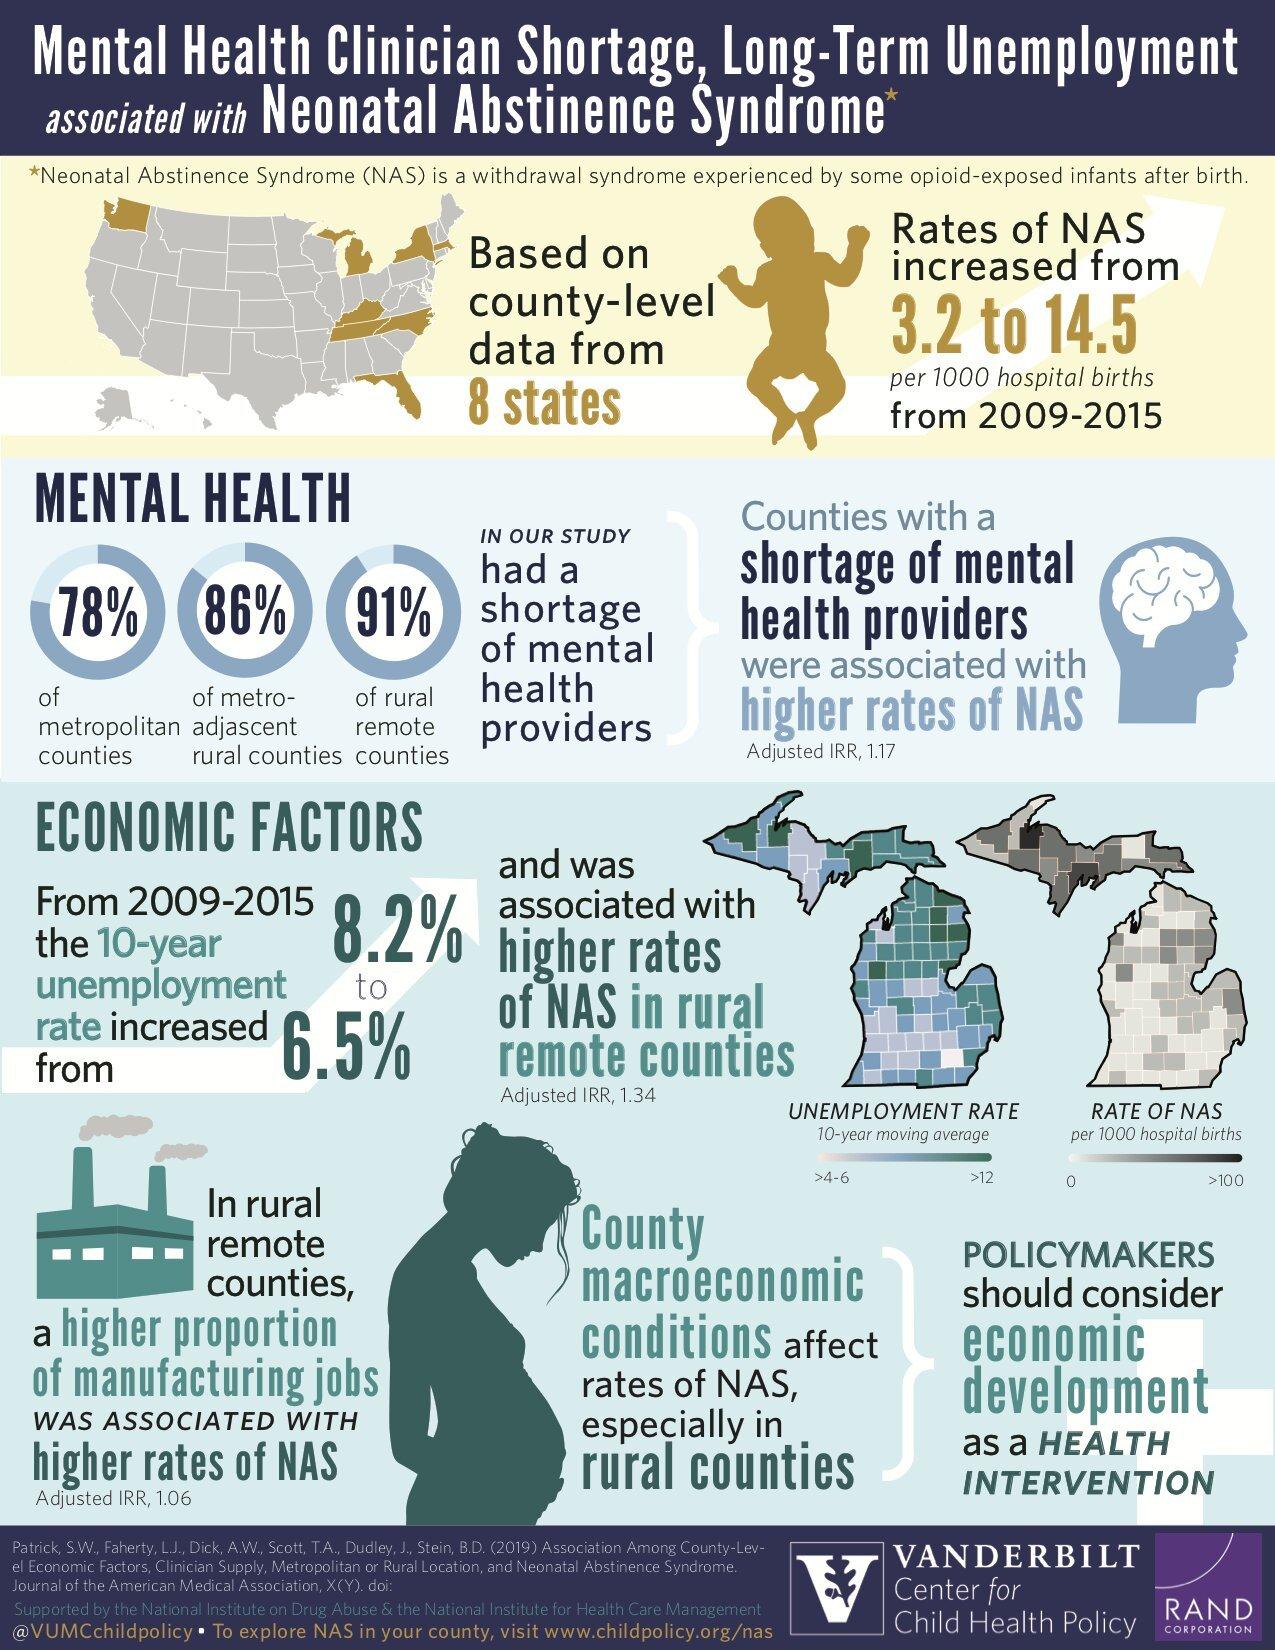 Langzeitarbeitslosigkeit verbunden mit Zunahme der neonatalen Abstinenz-Syndrom